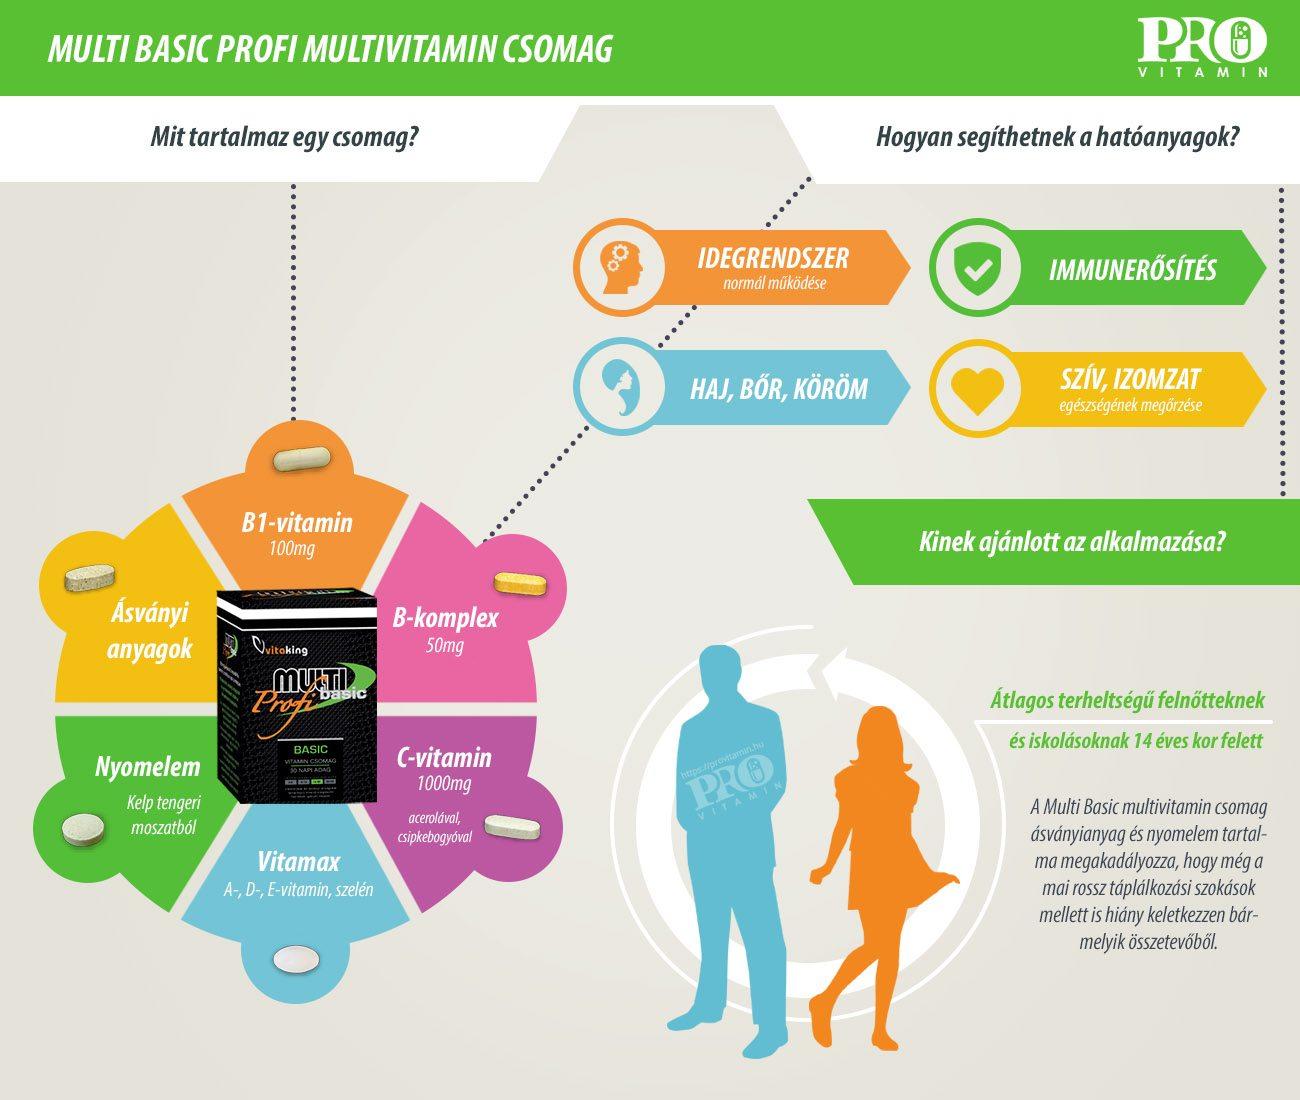 Vitaking Multi Basic Profi termékismertető infografika